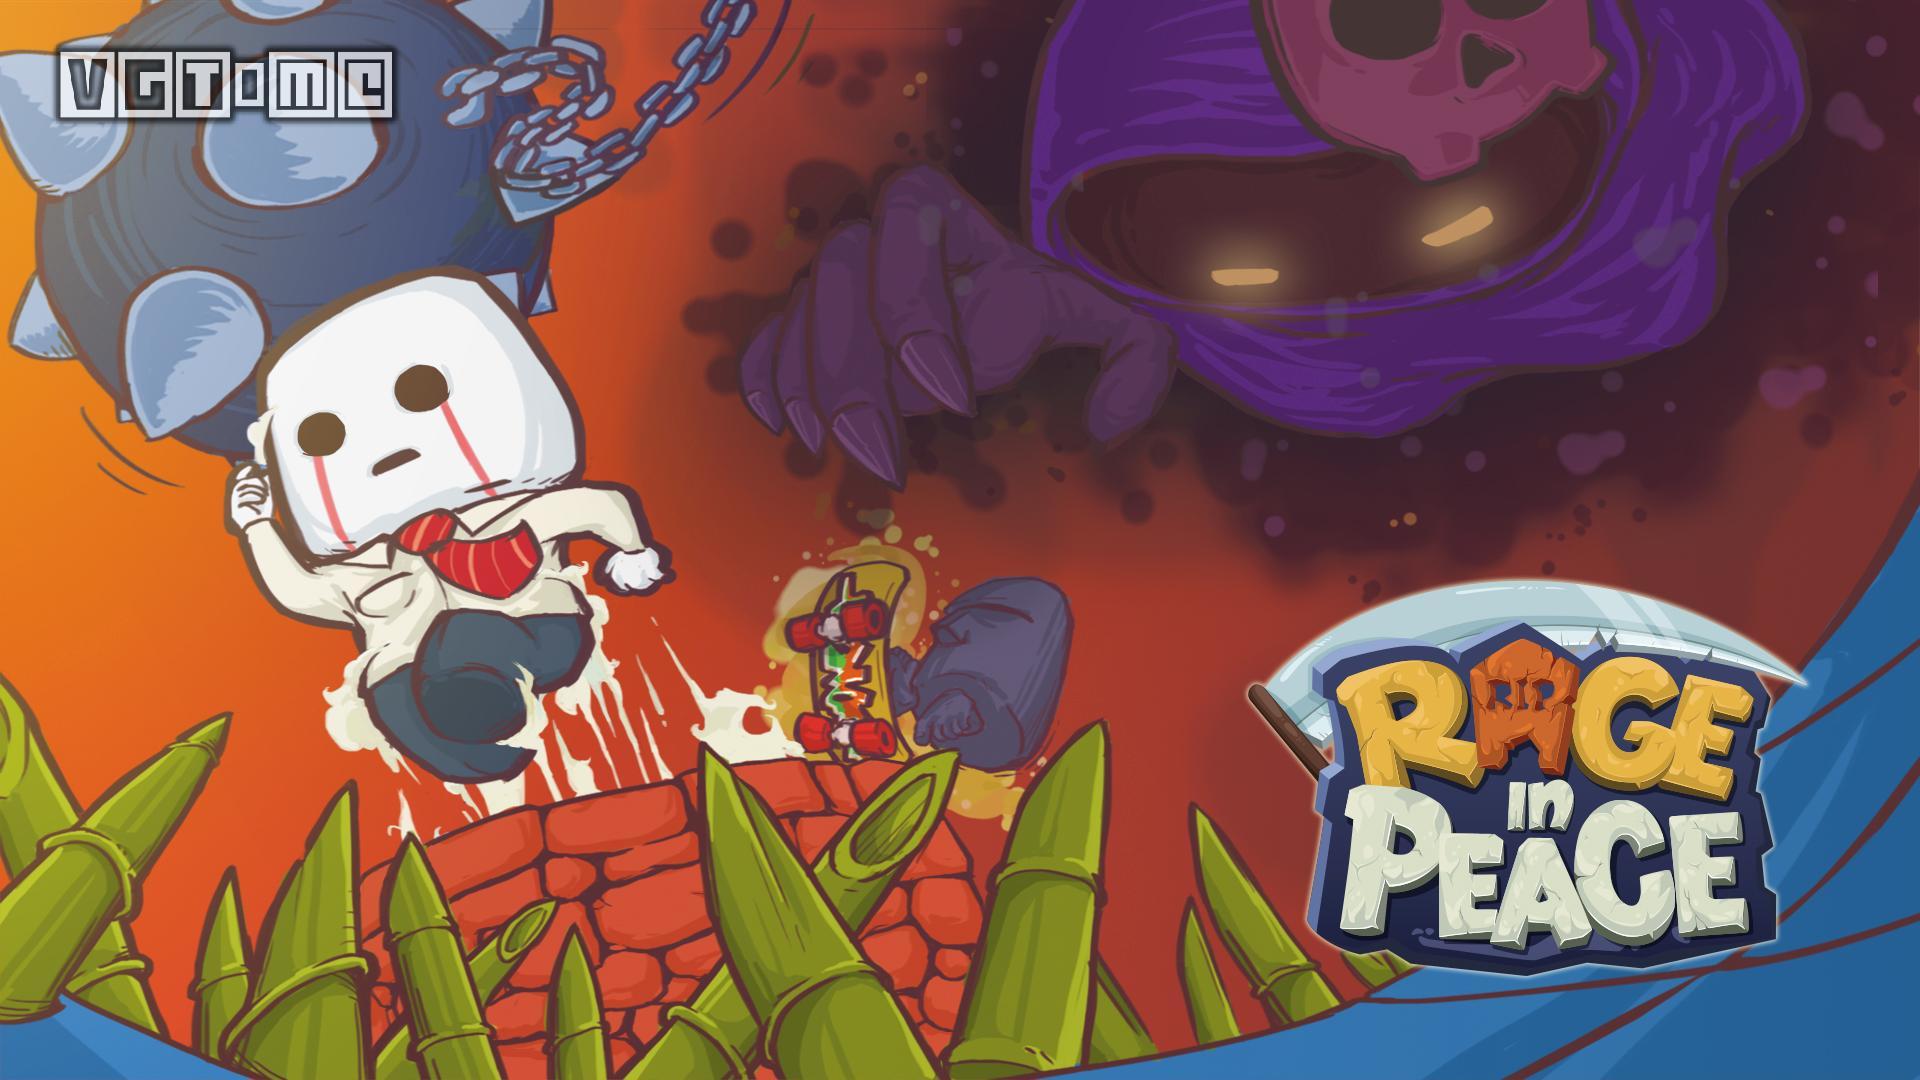 魔性横版冒险游戏《Rage in Peace》上线Steam和Switch_经典横版冒险游戏